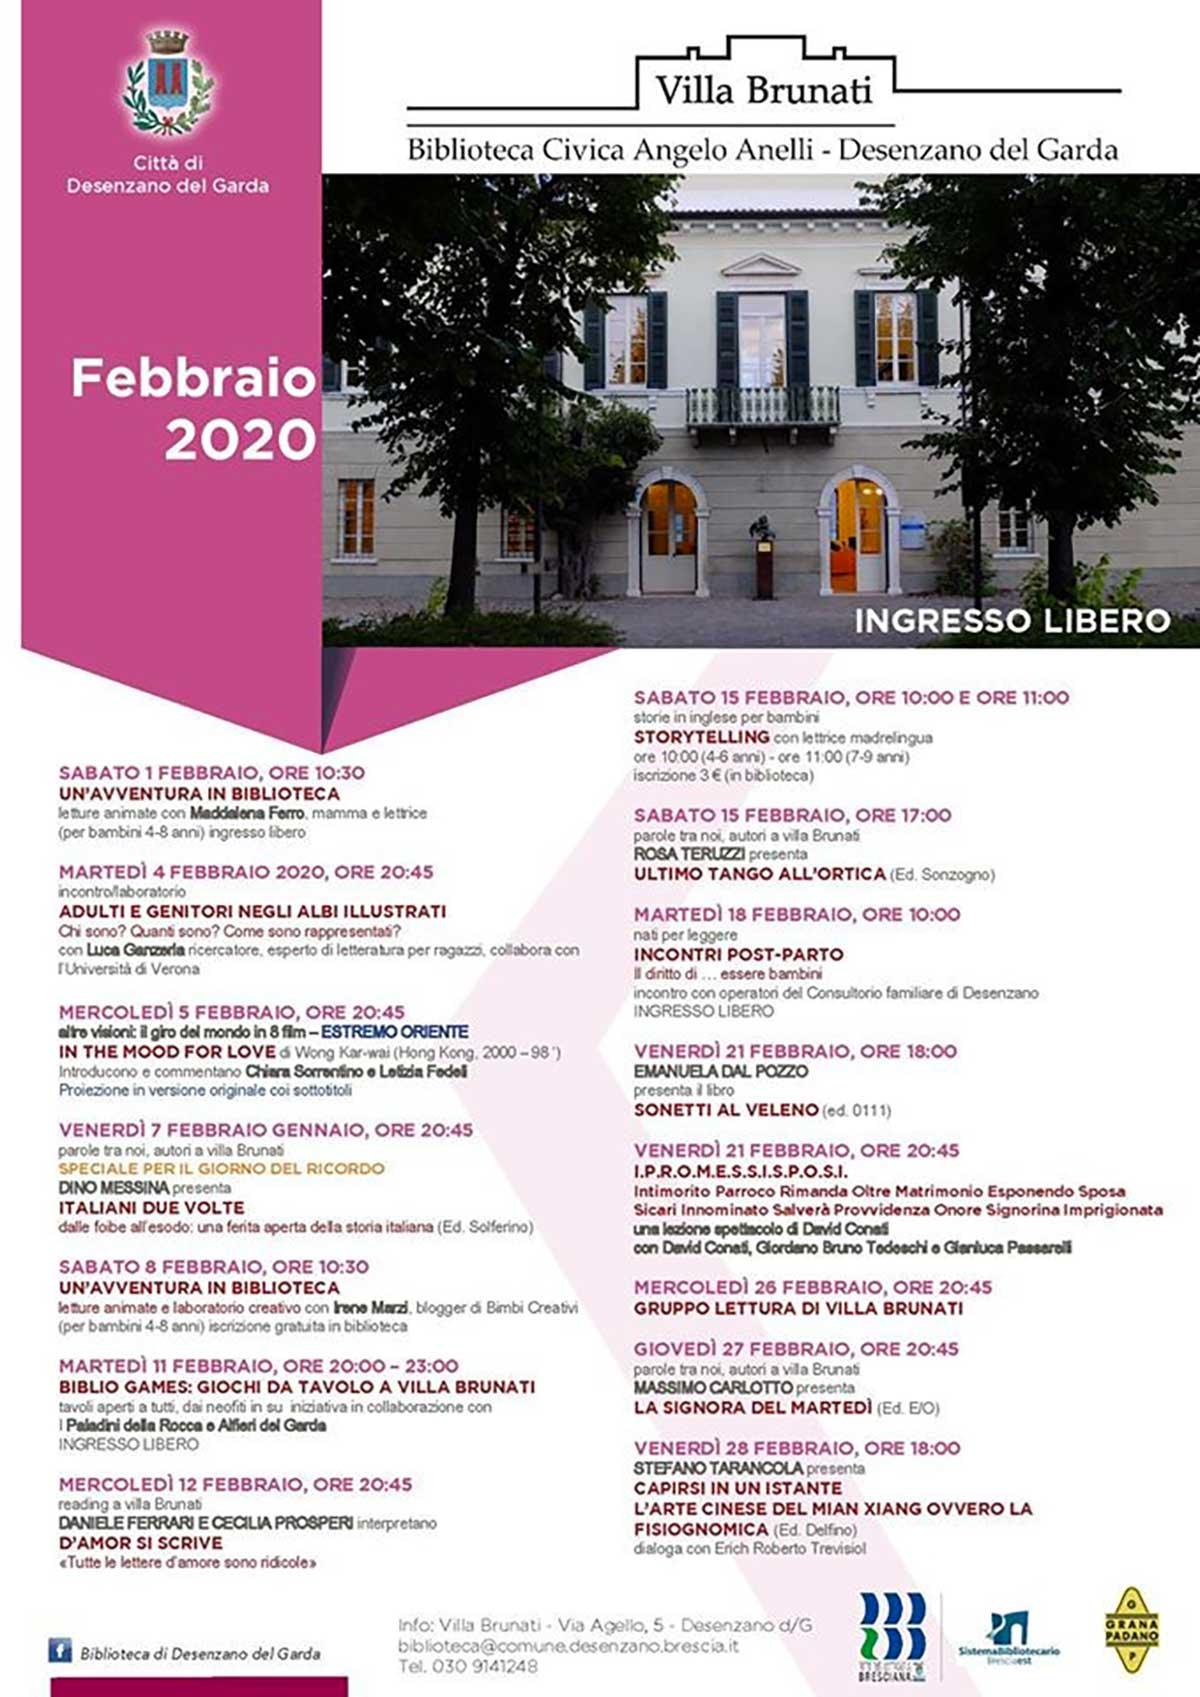 appuntamenti-villa-brunati-desenzano-febbraio-2020